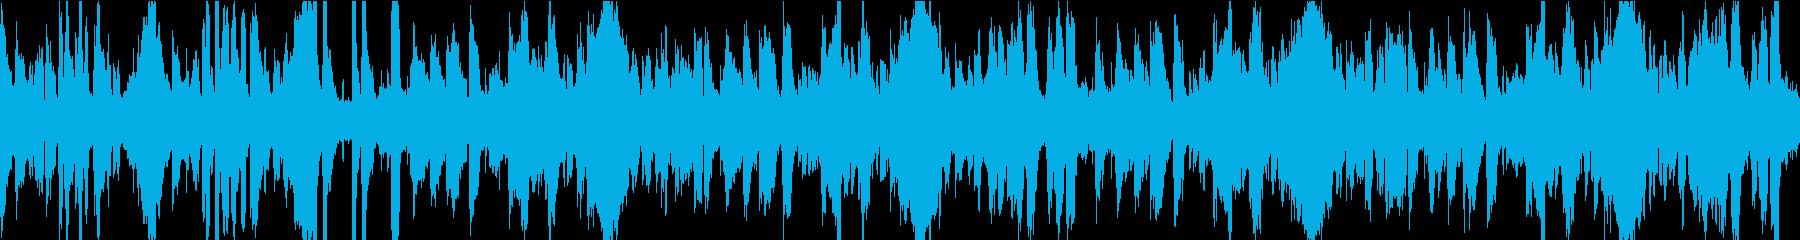 13秒でサビ、おだやか/静めループの再生済みの波形